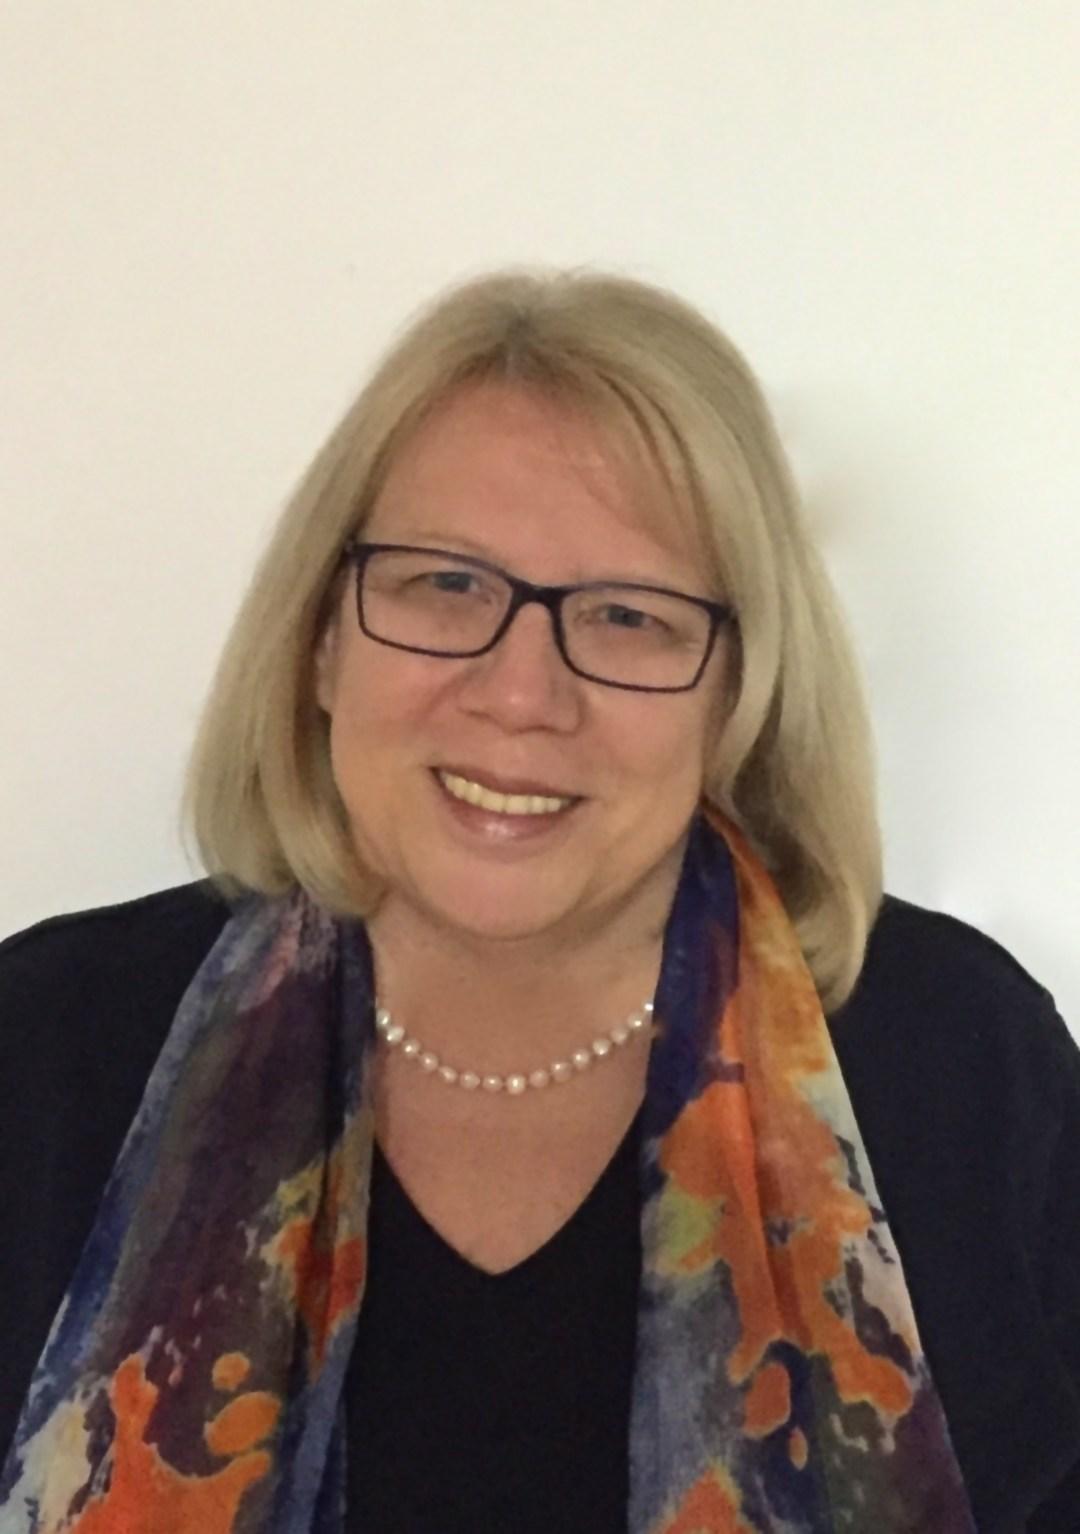 Marianne Tischler